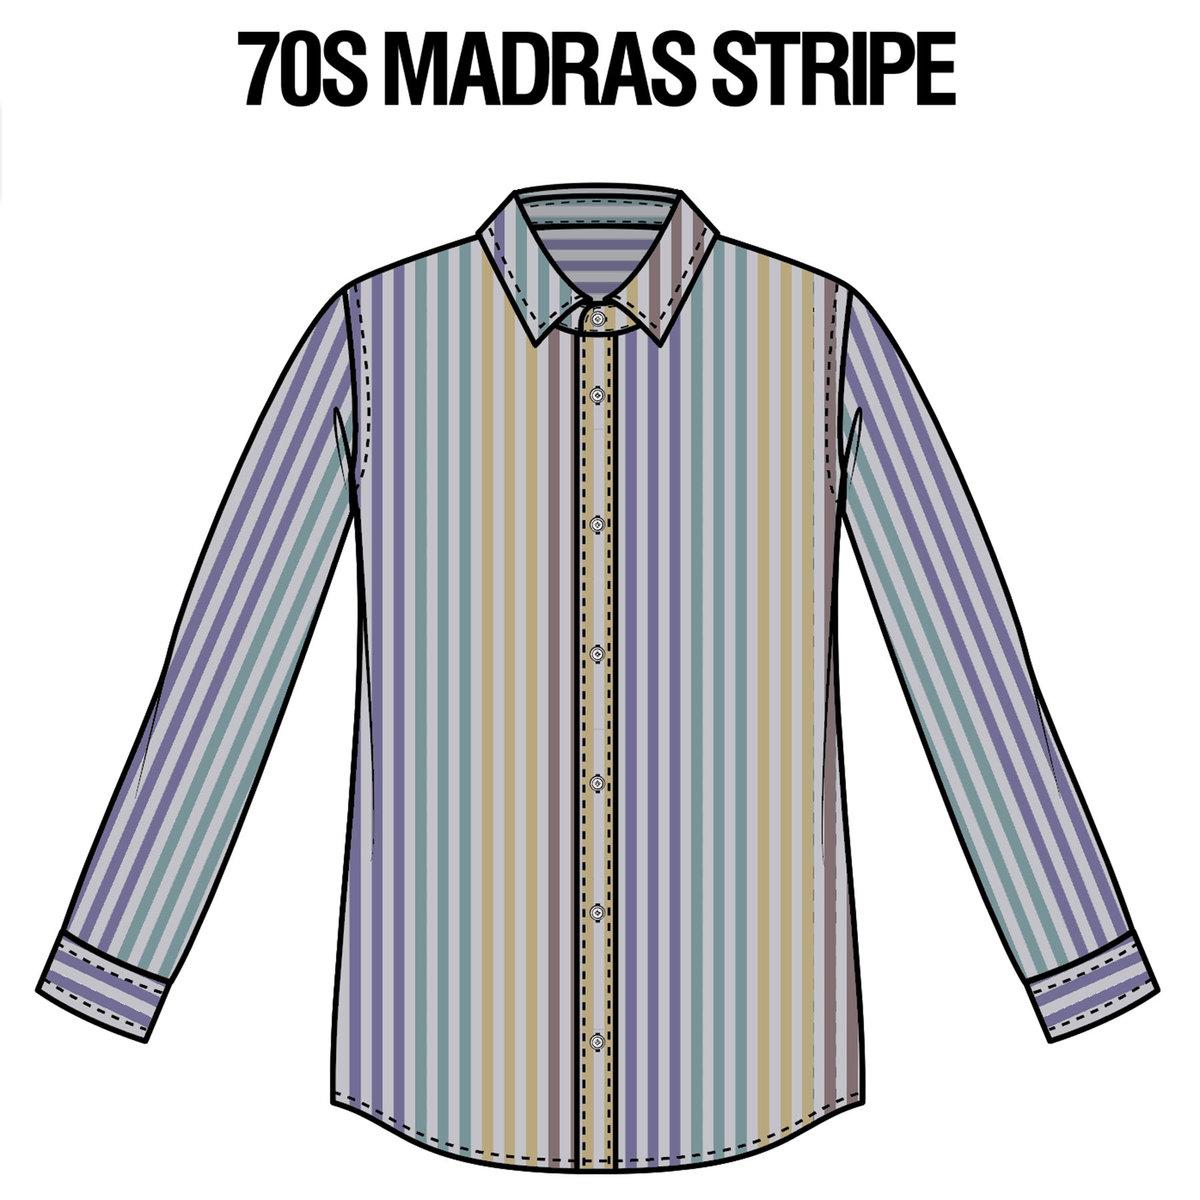 70s Madras Stripe.jpg